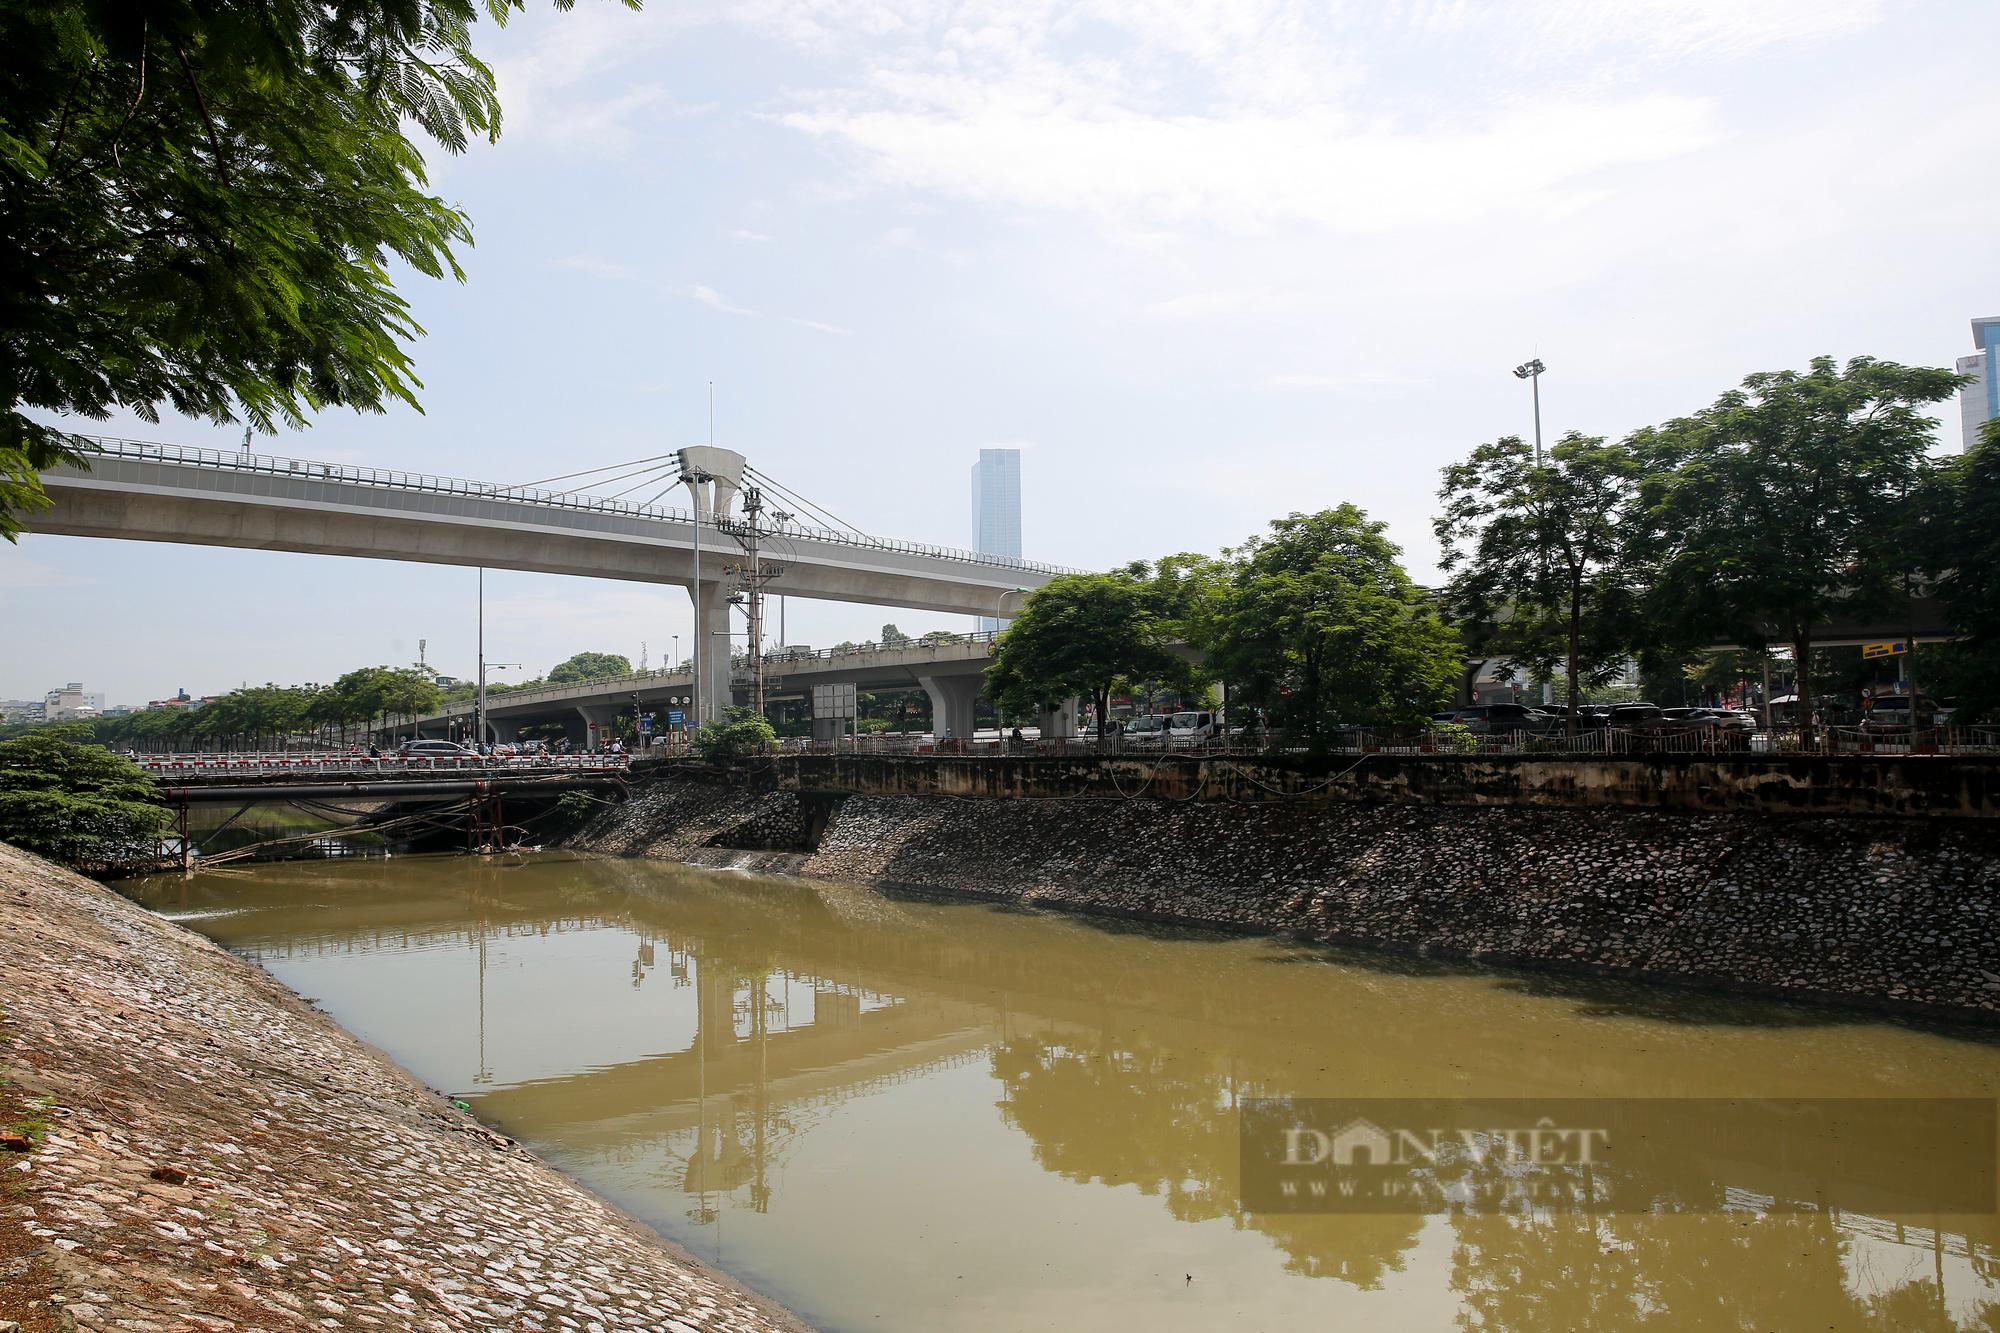 Vẻ đẹp khác lạ của con sông ô nhiễm nhất Hà Nội sau khi đổi màu nước - Ảnh 1.